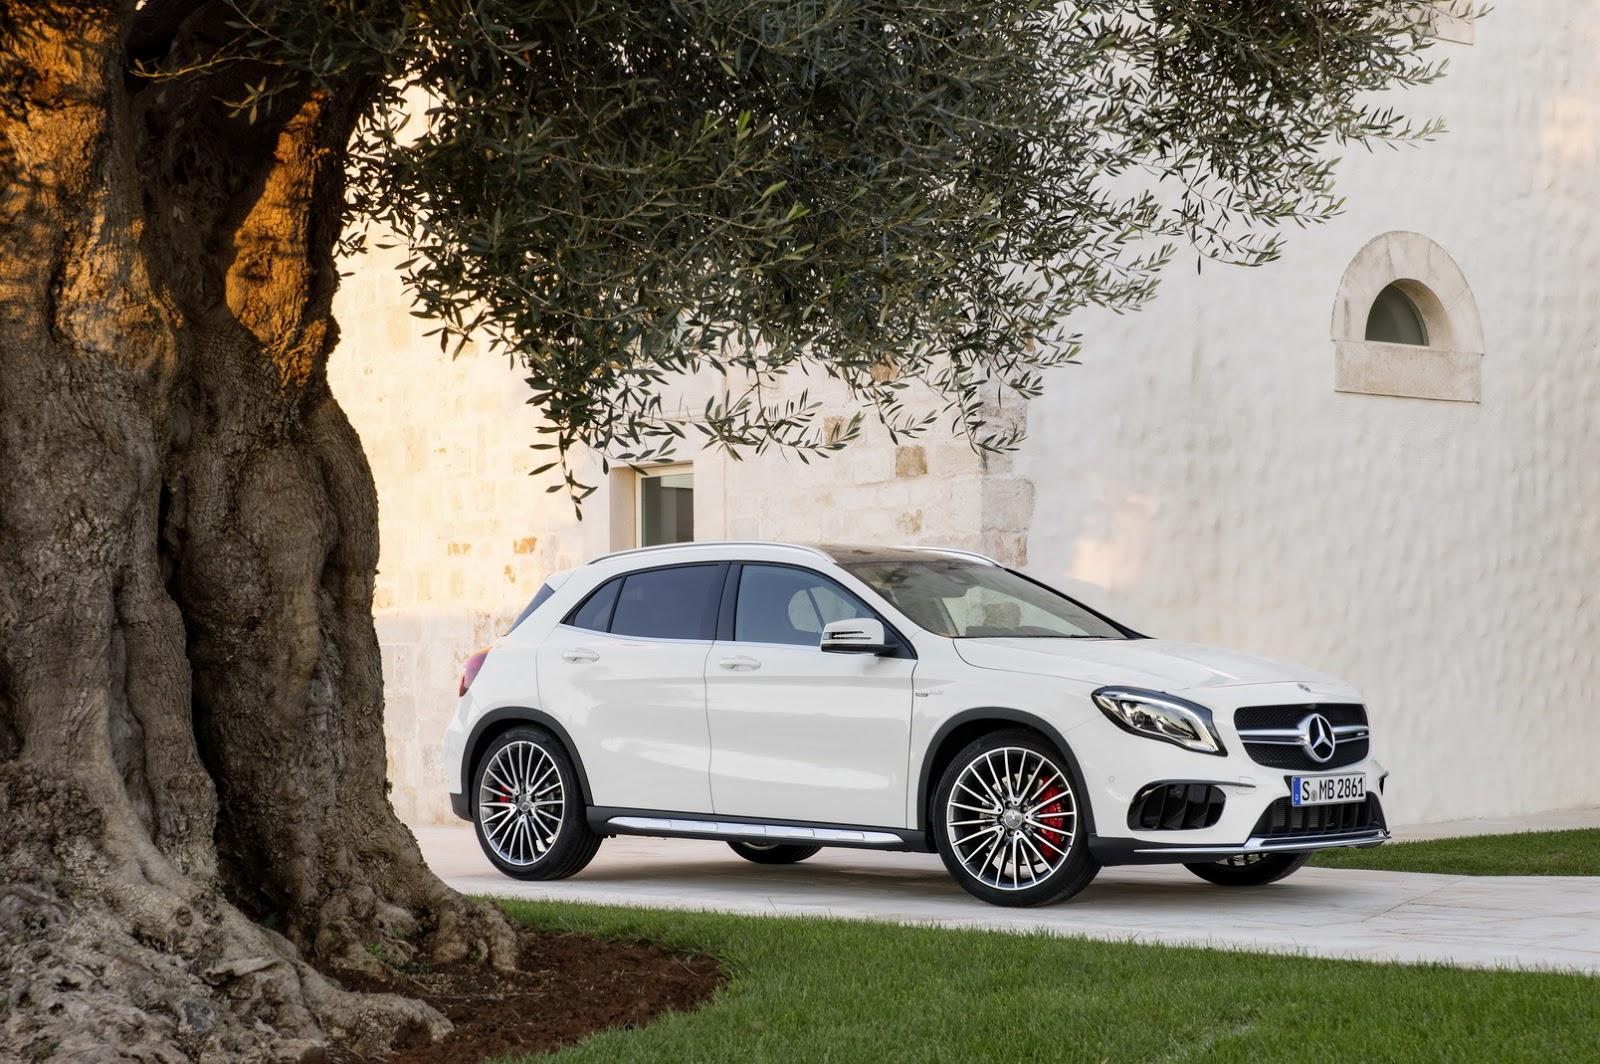 Mercedes GLA facelift and GLA 45 AMG facelift 2017 (21)